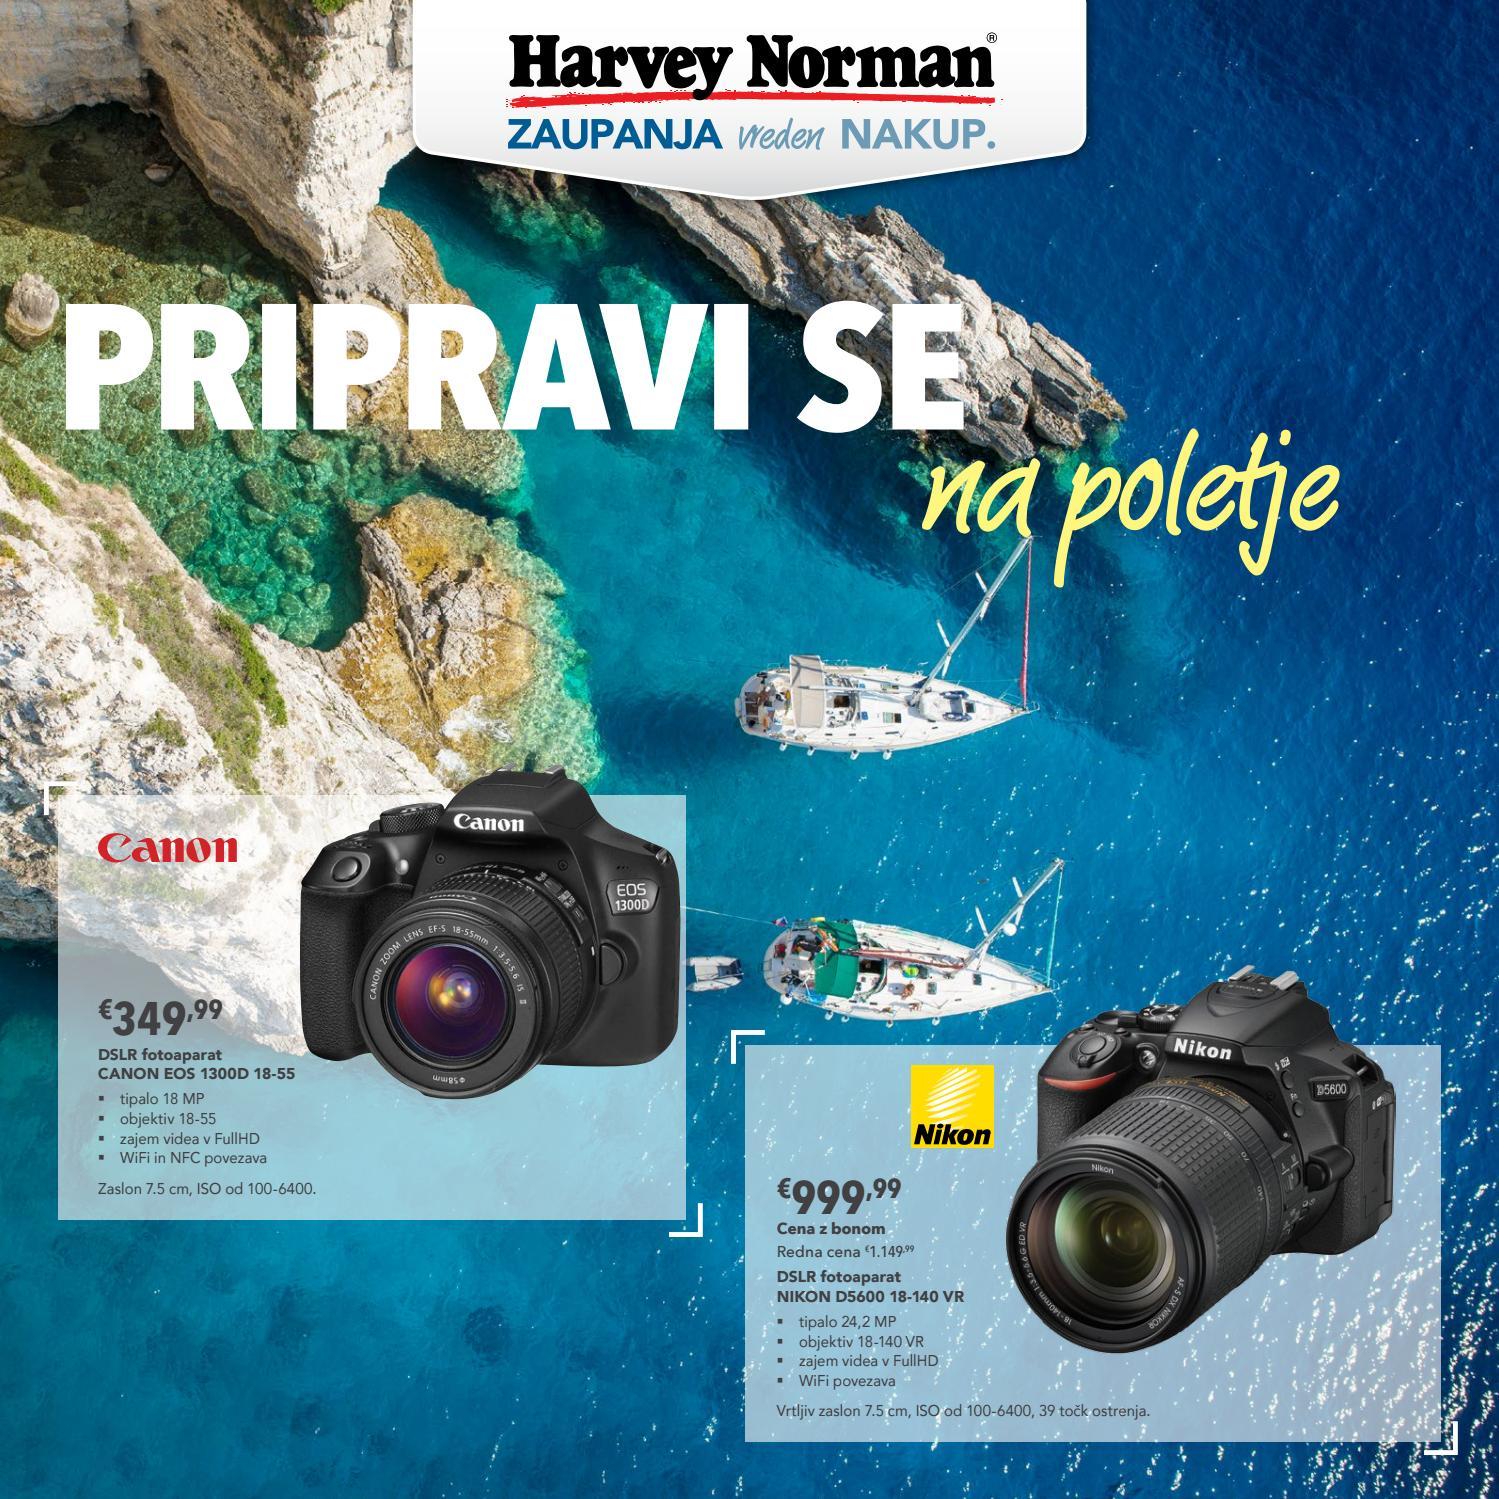 Pripravi se na poletje Digitalna fotografija by Harvey Norman